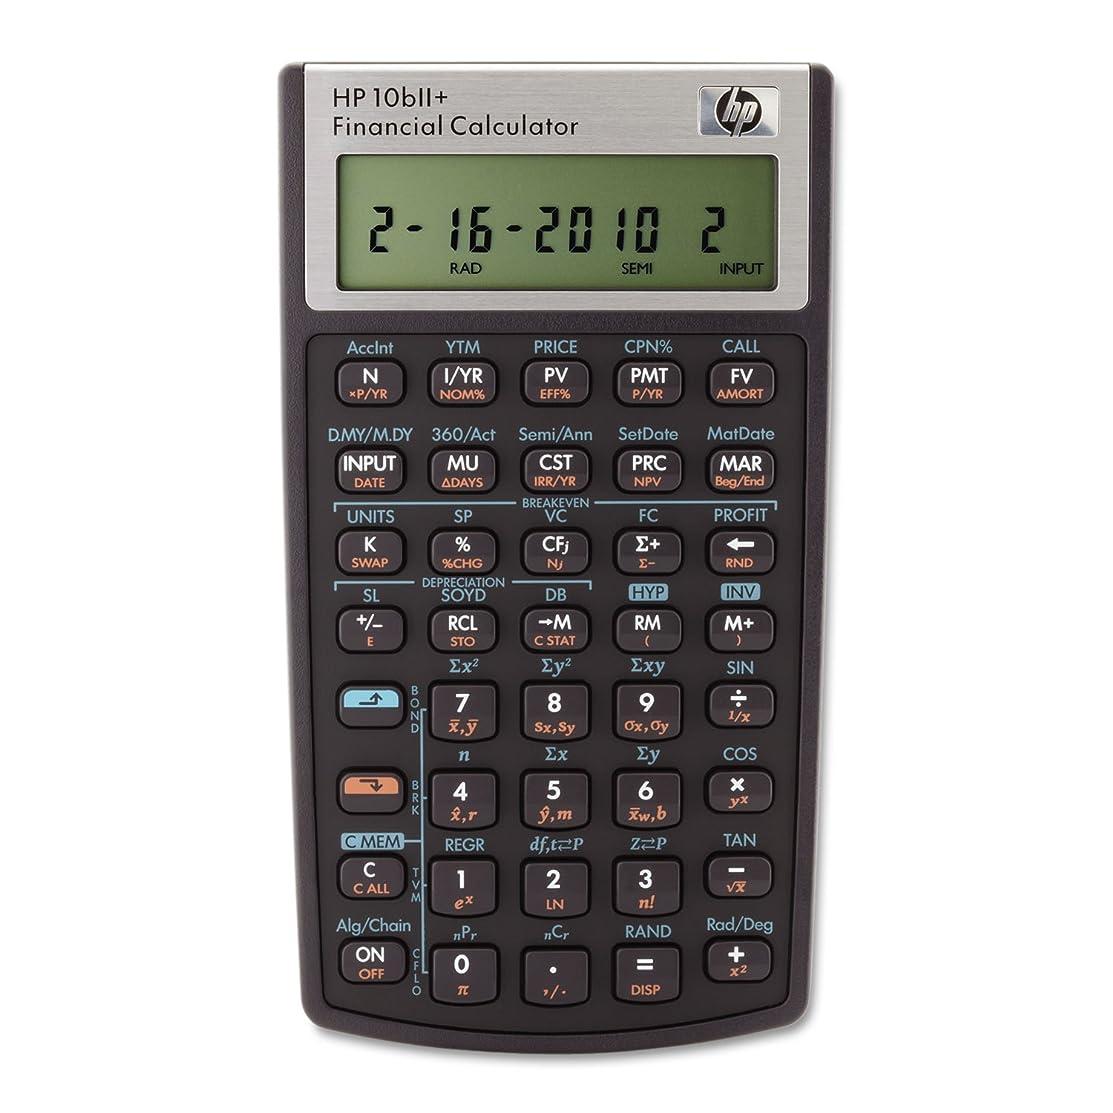 ケイ素見る制約HP 10bii +金融電卓